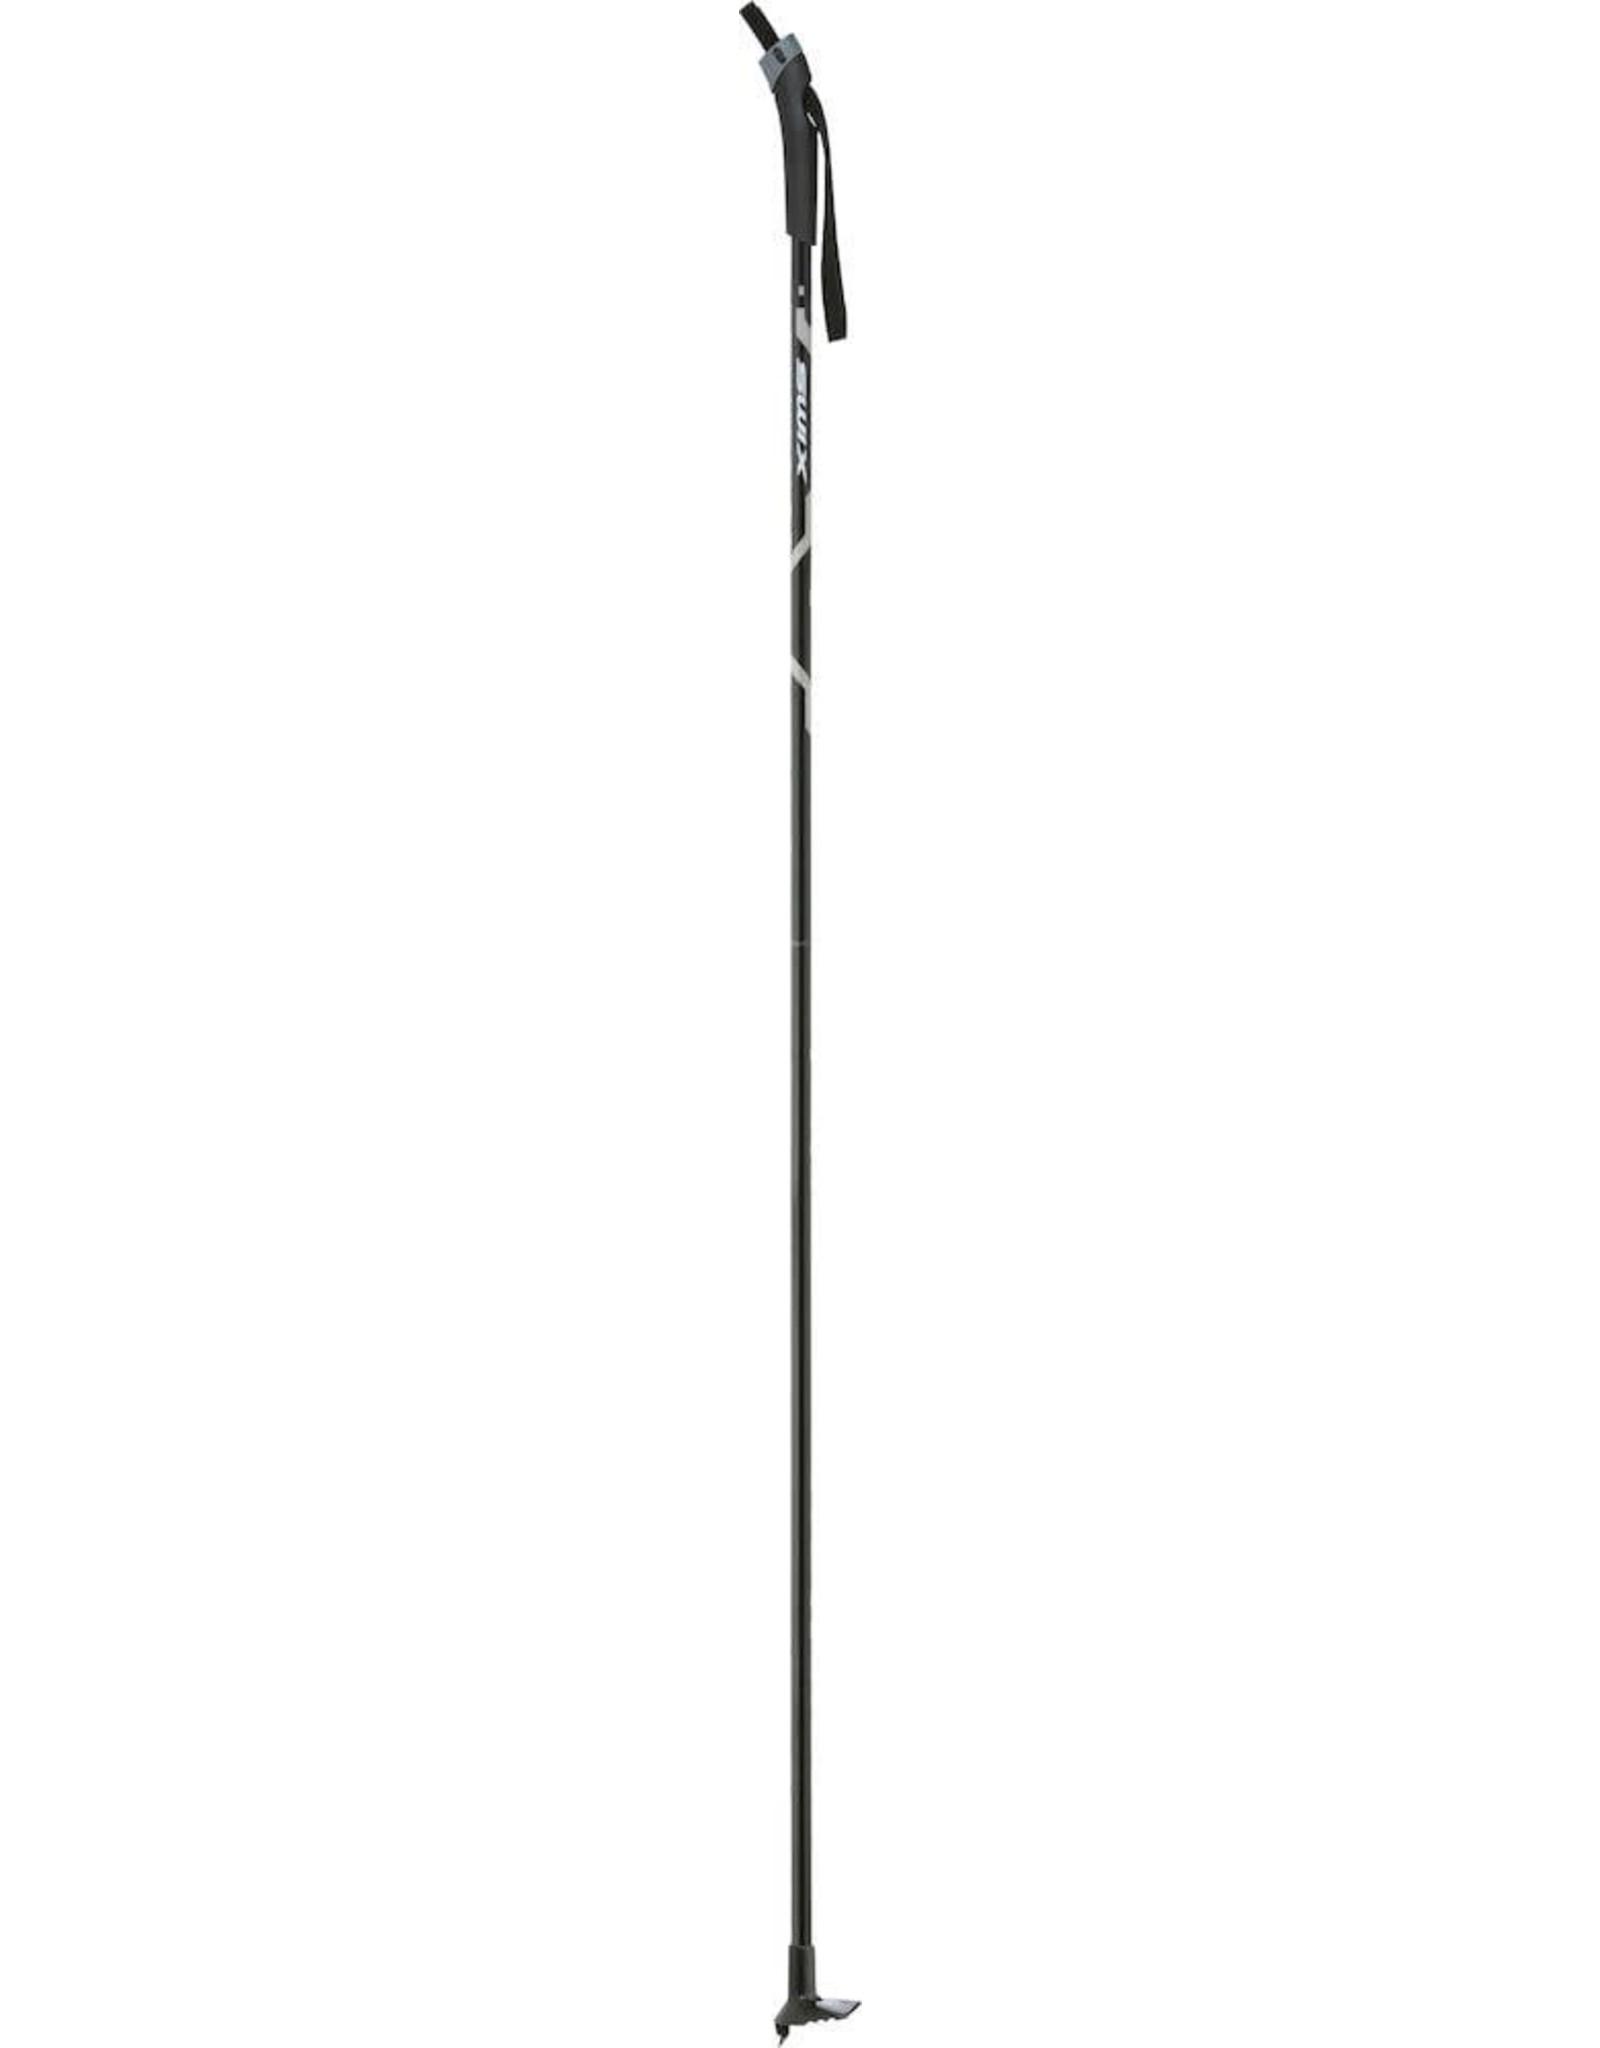 Swix Swix - Nordic 160 Ski Pole